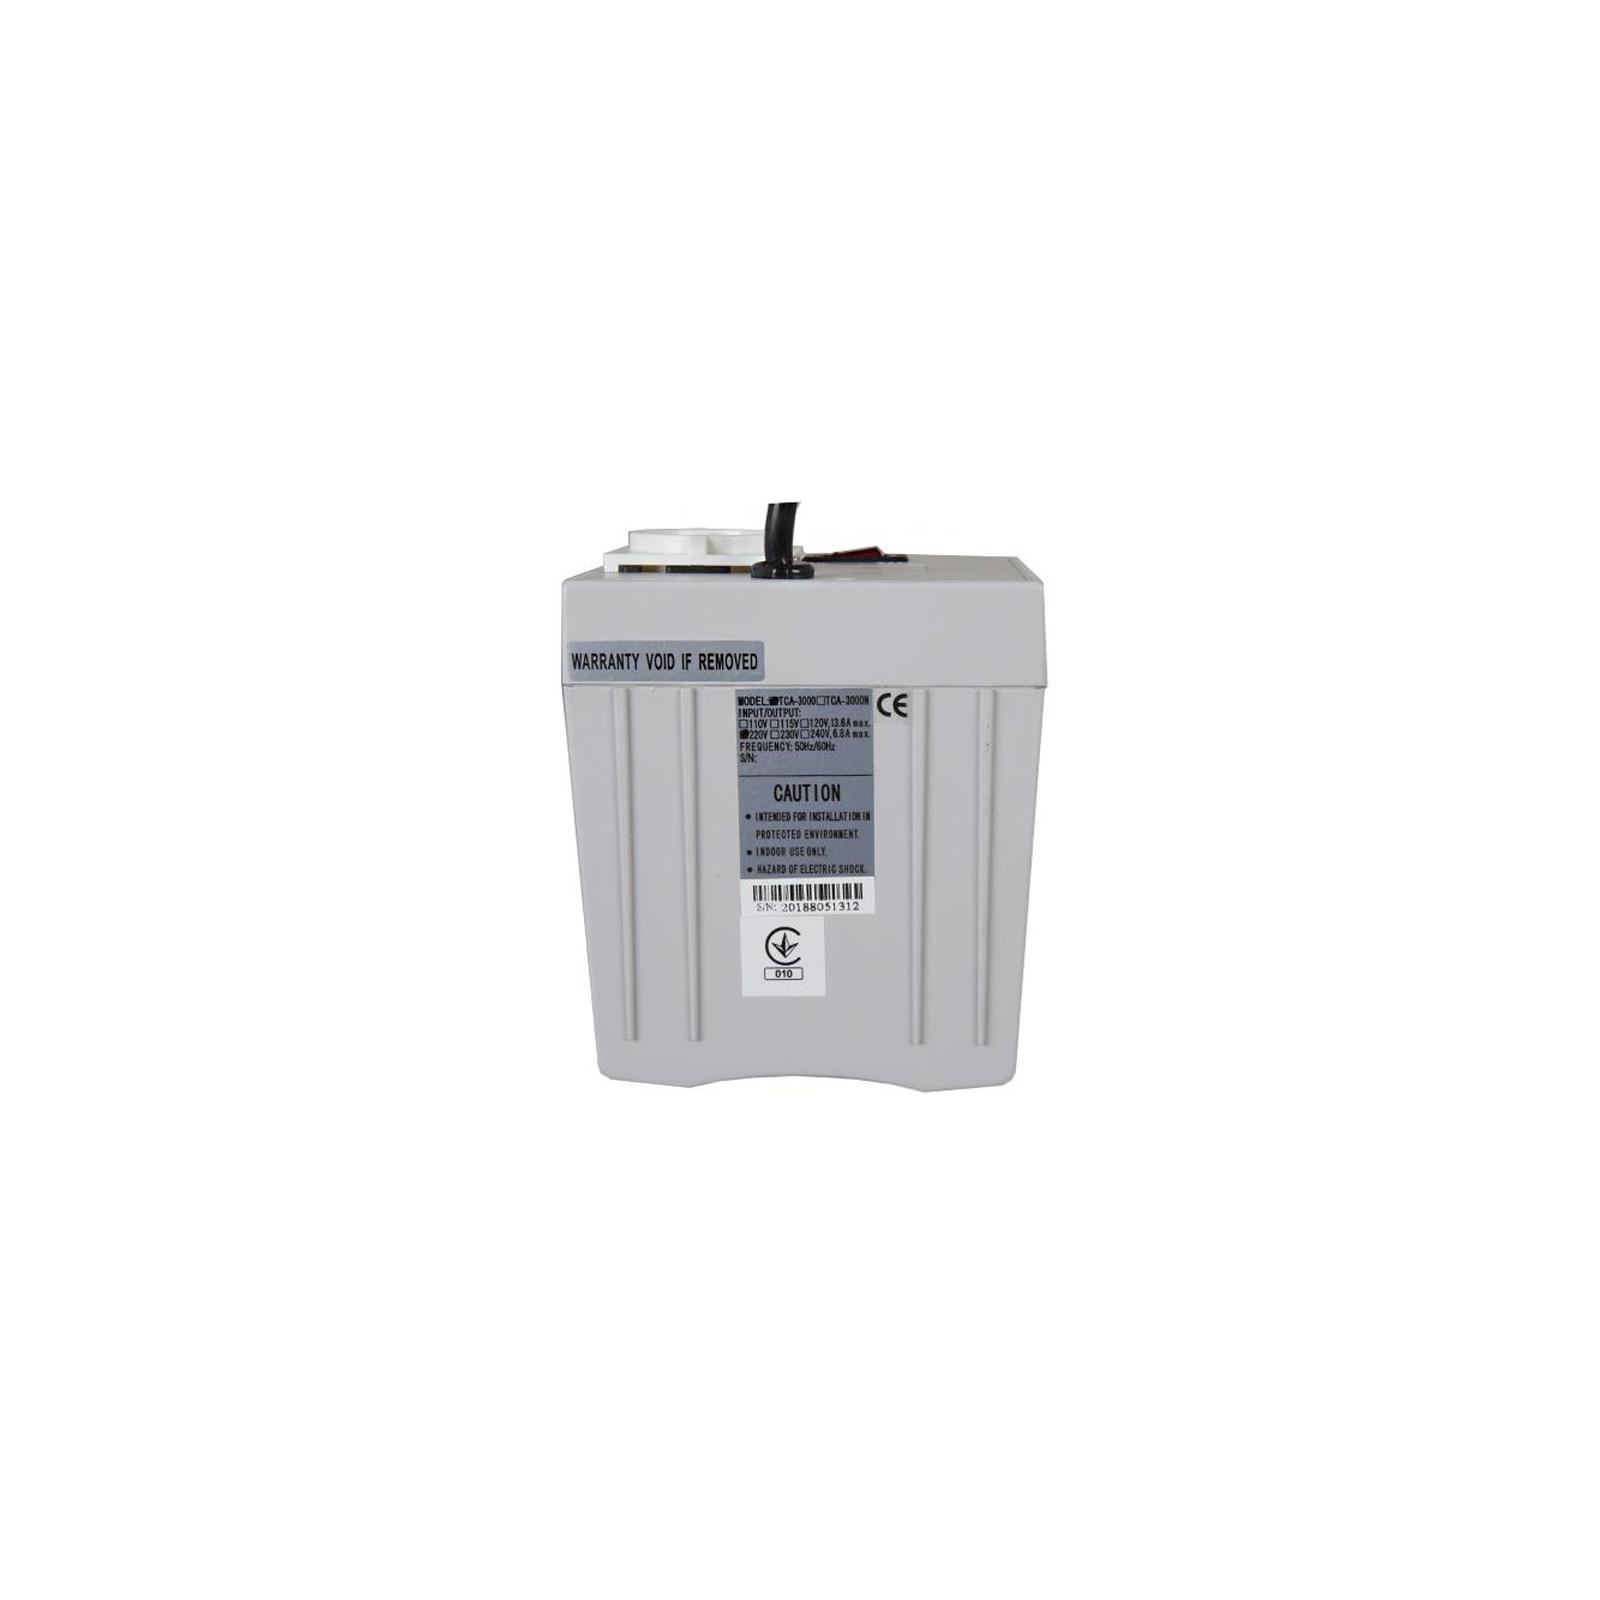 Стабилизатор TCA-3000 Powercom изображение 3